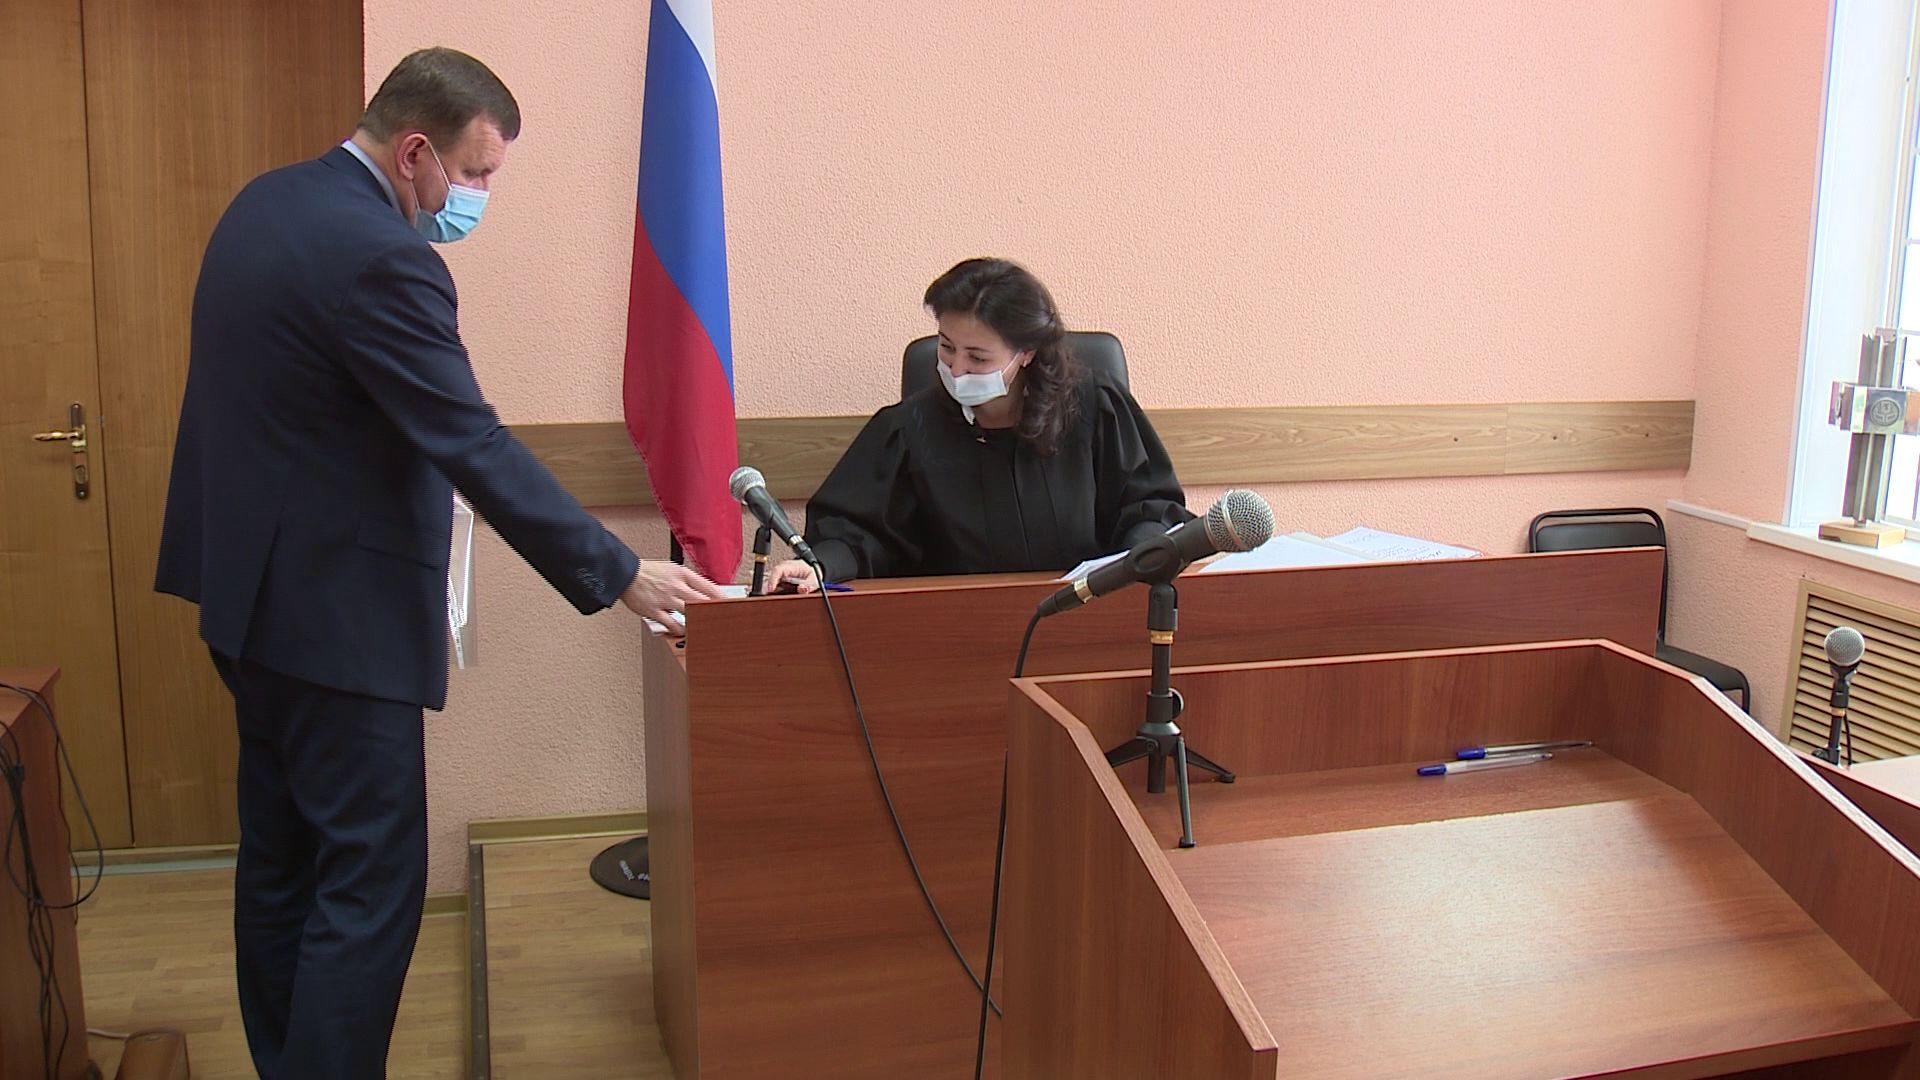 Ярославский суд начал рассматривать уголовное дело Елены Скоробогатовой